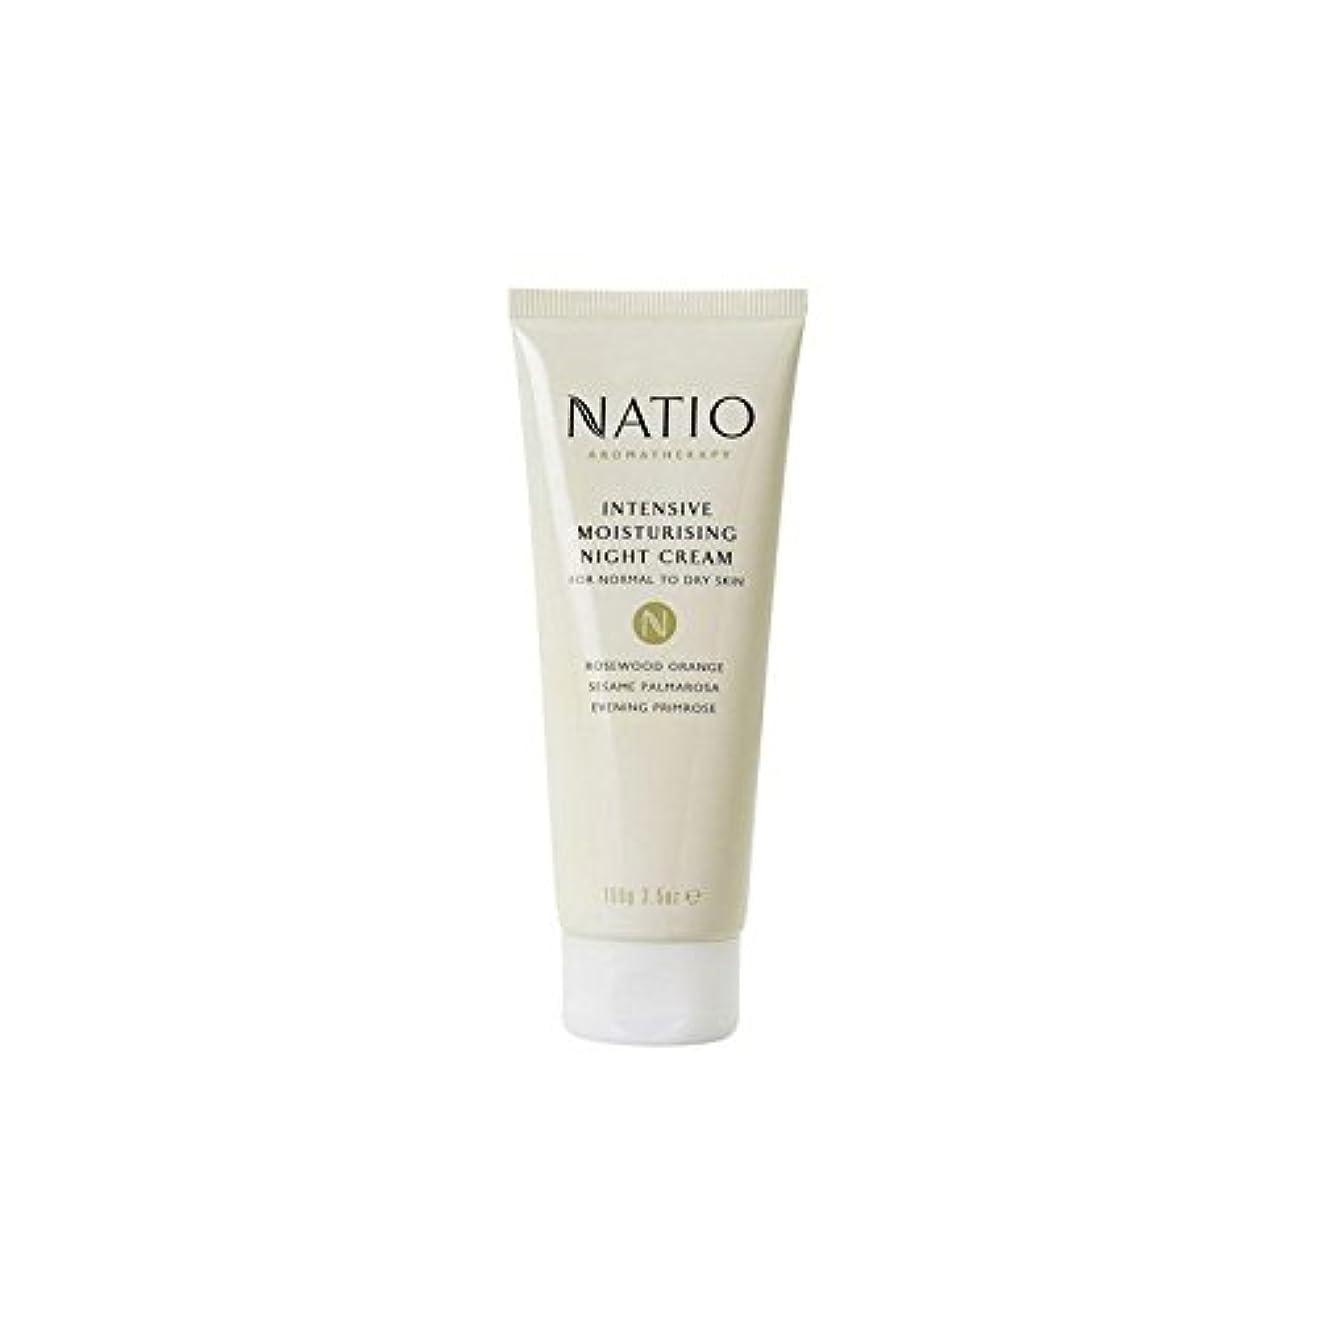 郵便局便利太字Natio Intensive Moisturising Night Cream (100G) - 集中的な保湿ナイトクリーム(100グラム) [並行輸入品]